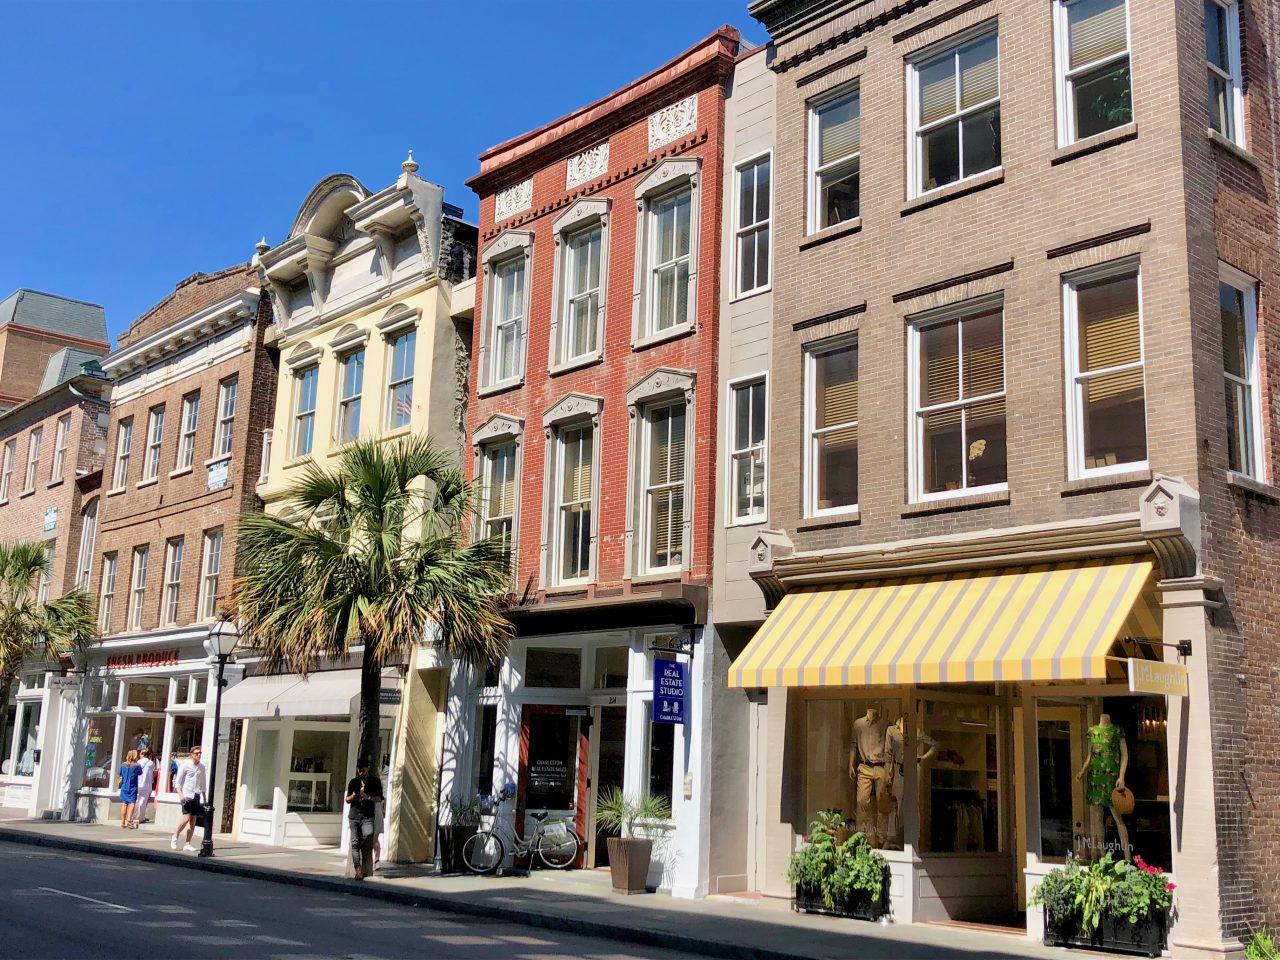 Buildings on King Street in Charleston, SC